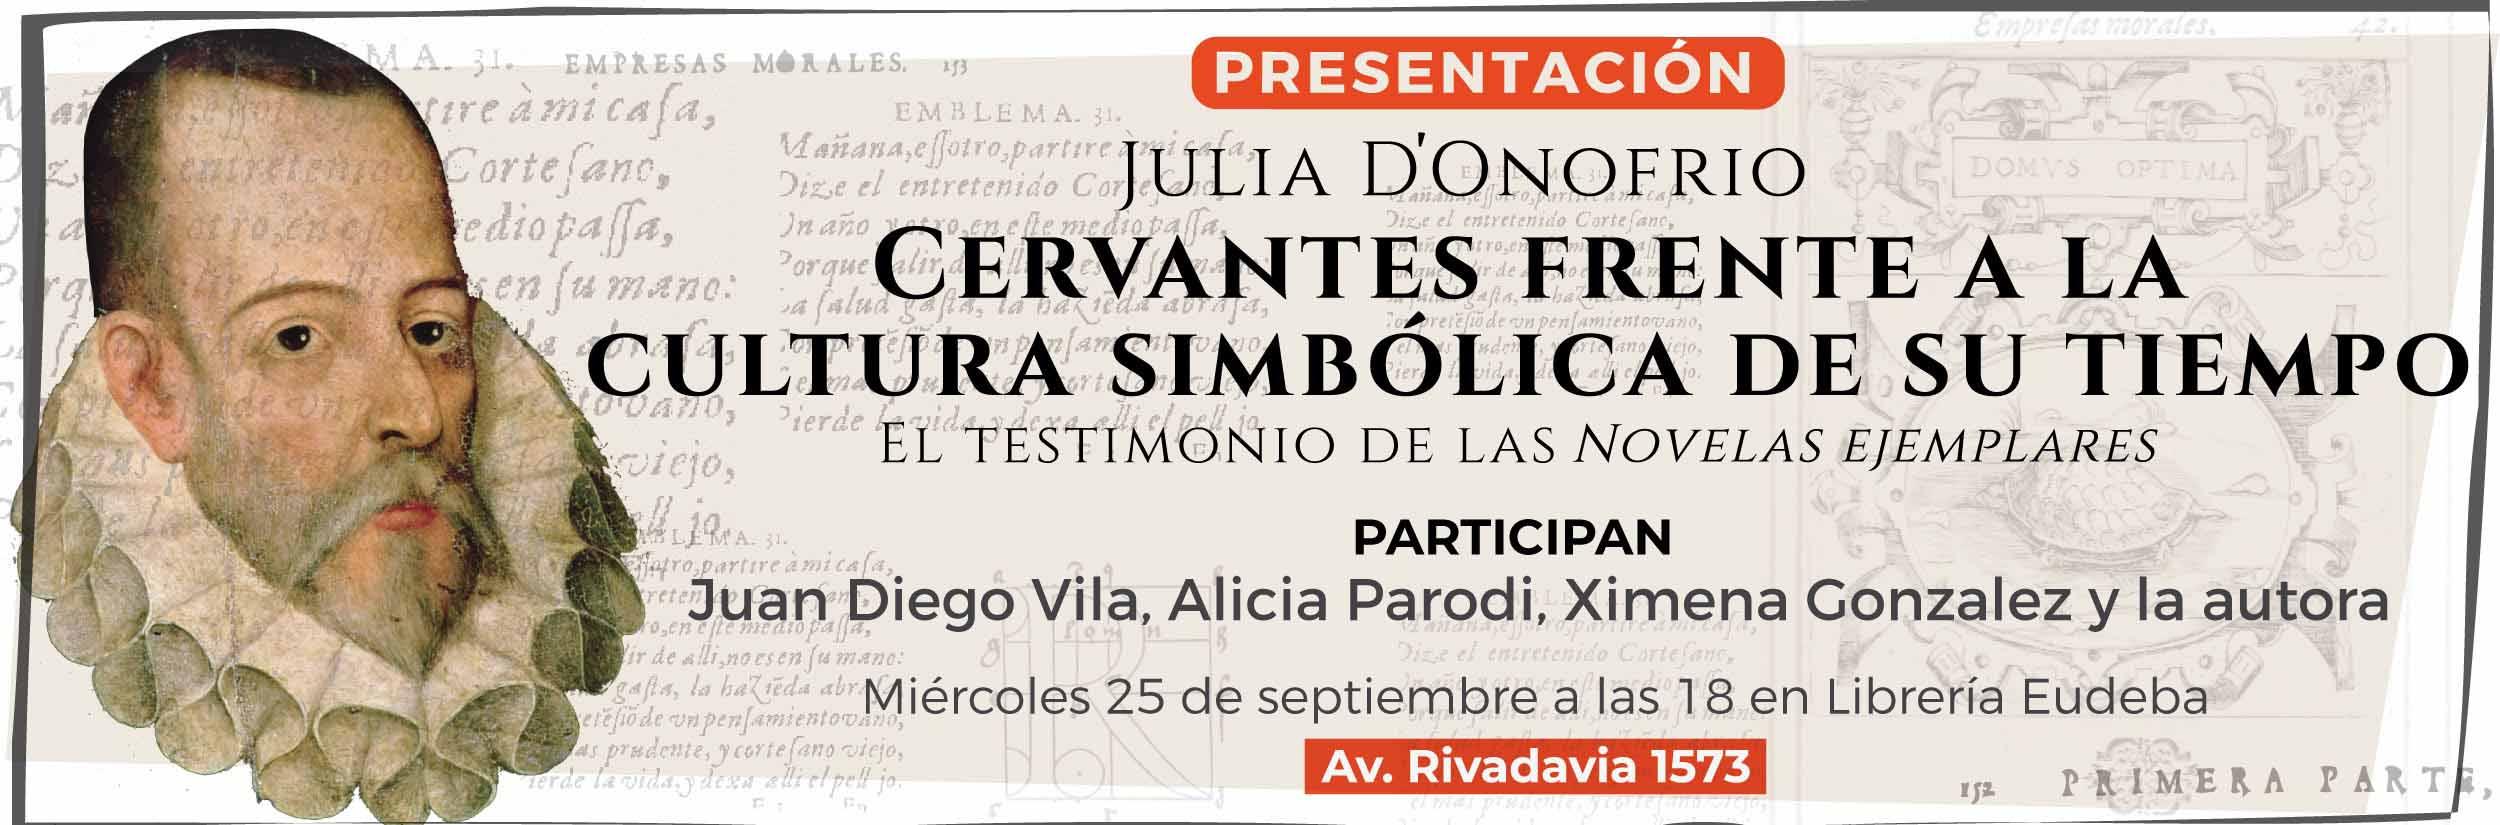 Presentación de Cervantes frente a la cultura simbólica de su tiempo